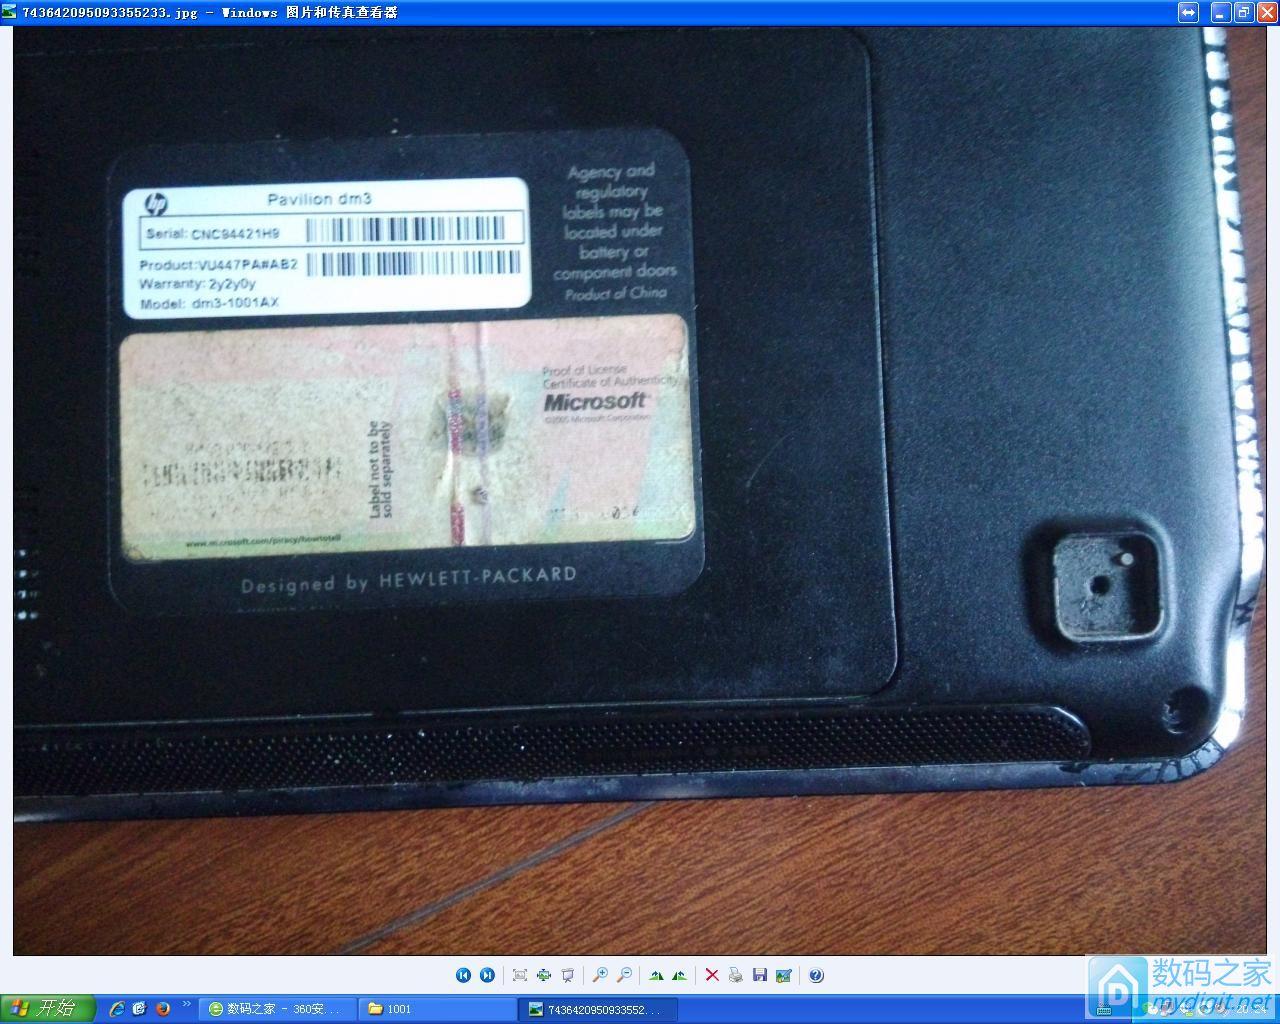 代朋友出两台HPdm3 双核笔记本 。有意来看看,走闲鱼